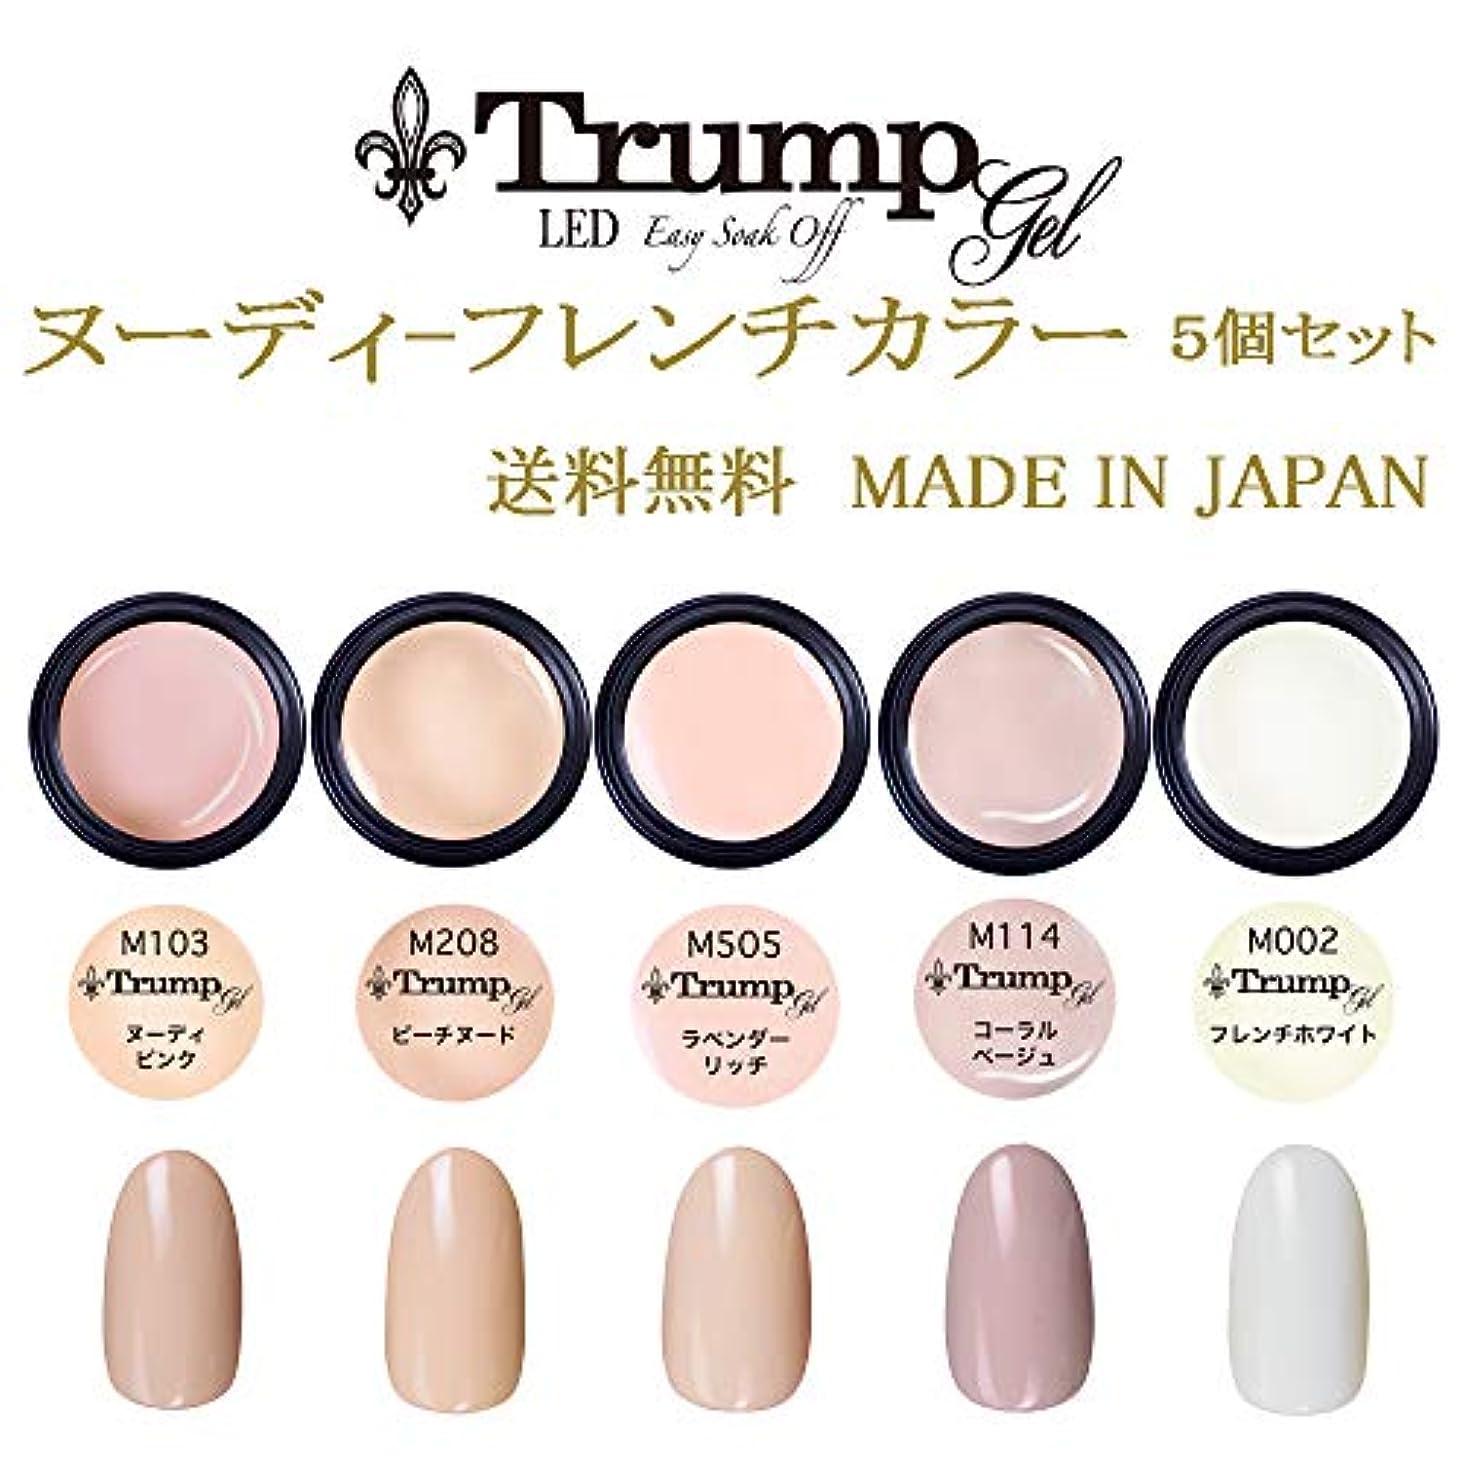 で出来ているギター関与する【送料無料】日本製 Trump gel トランプジェルヌーディフレンチカラージェル 5個セット 肌馴染みの良い ヌーデイフレンチカラージェルセット